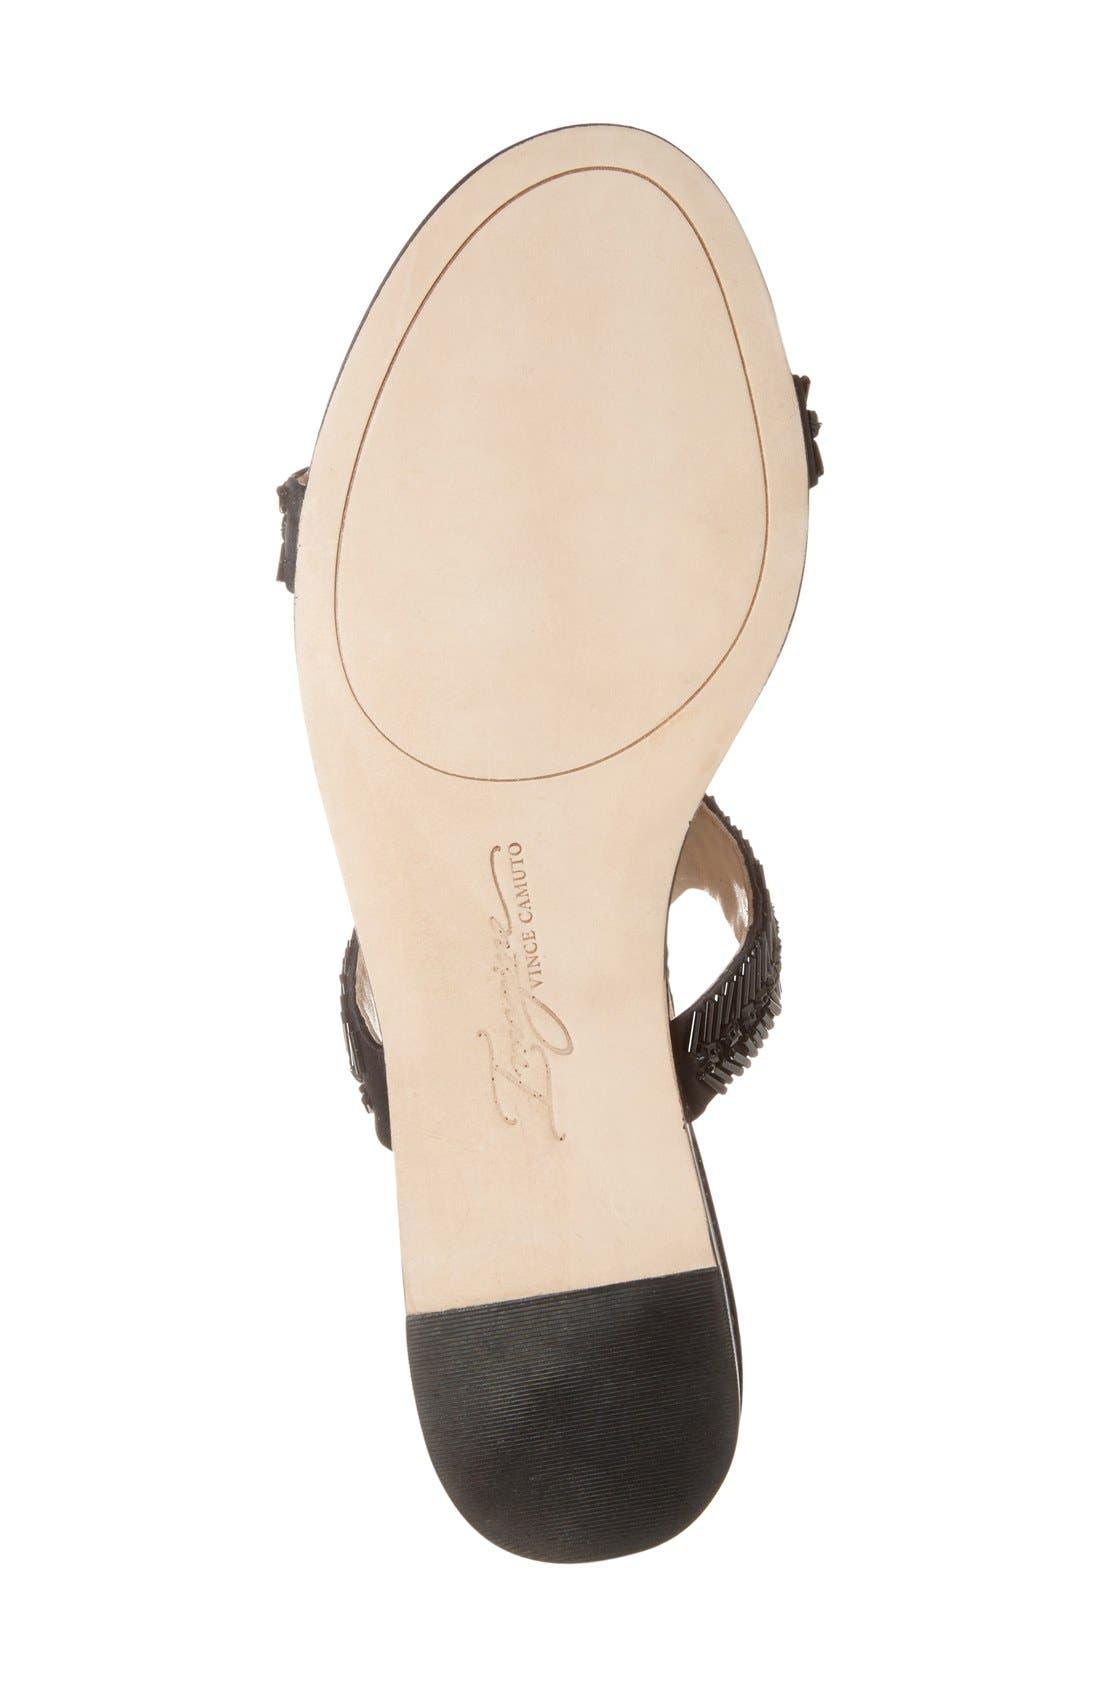 Imagine Vince Camuto 'Reid' Embellished T-Strap Flat Sandal,                             Alternate thumbnail 4, color,                             Black